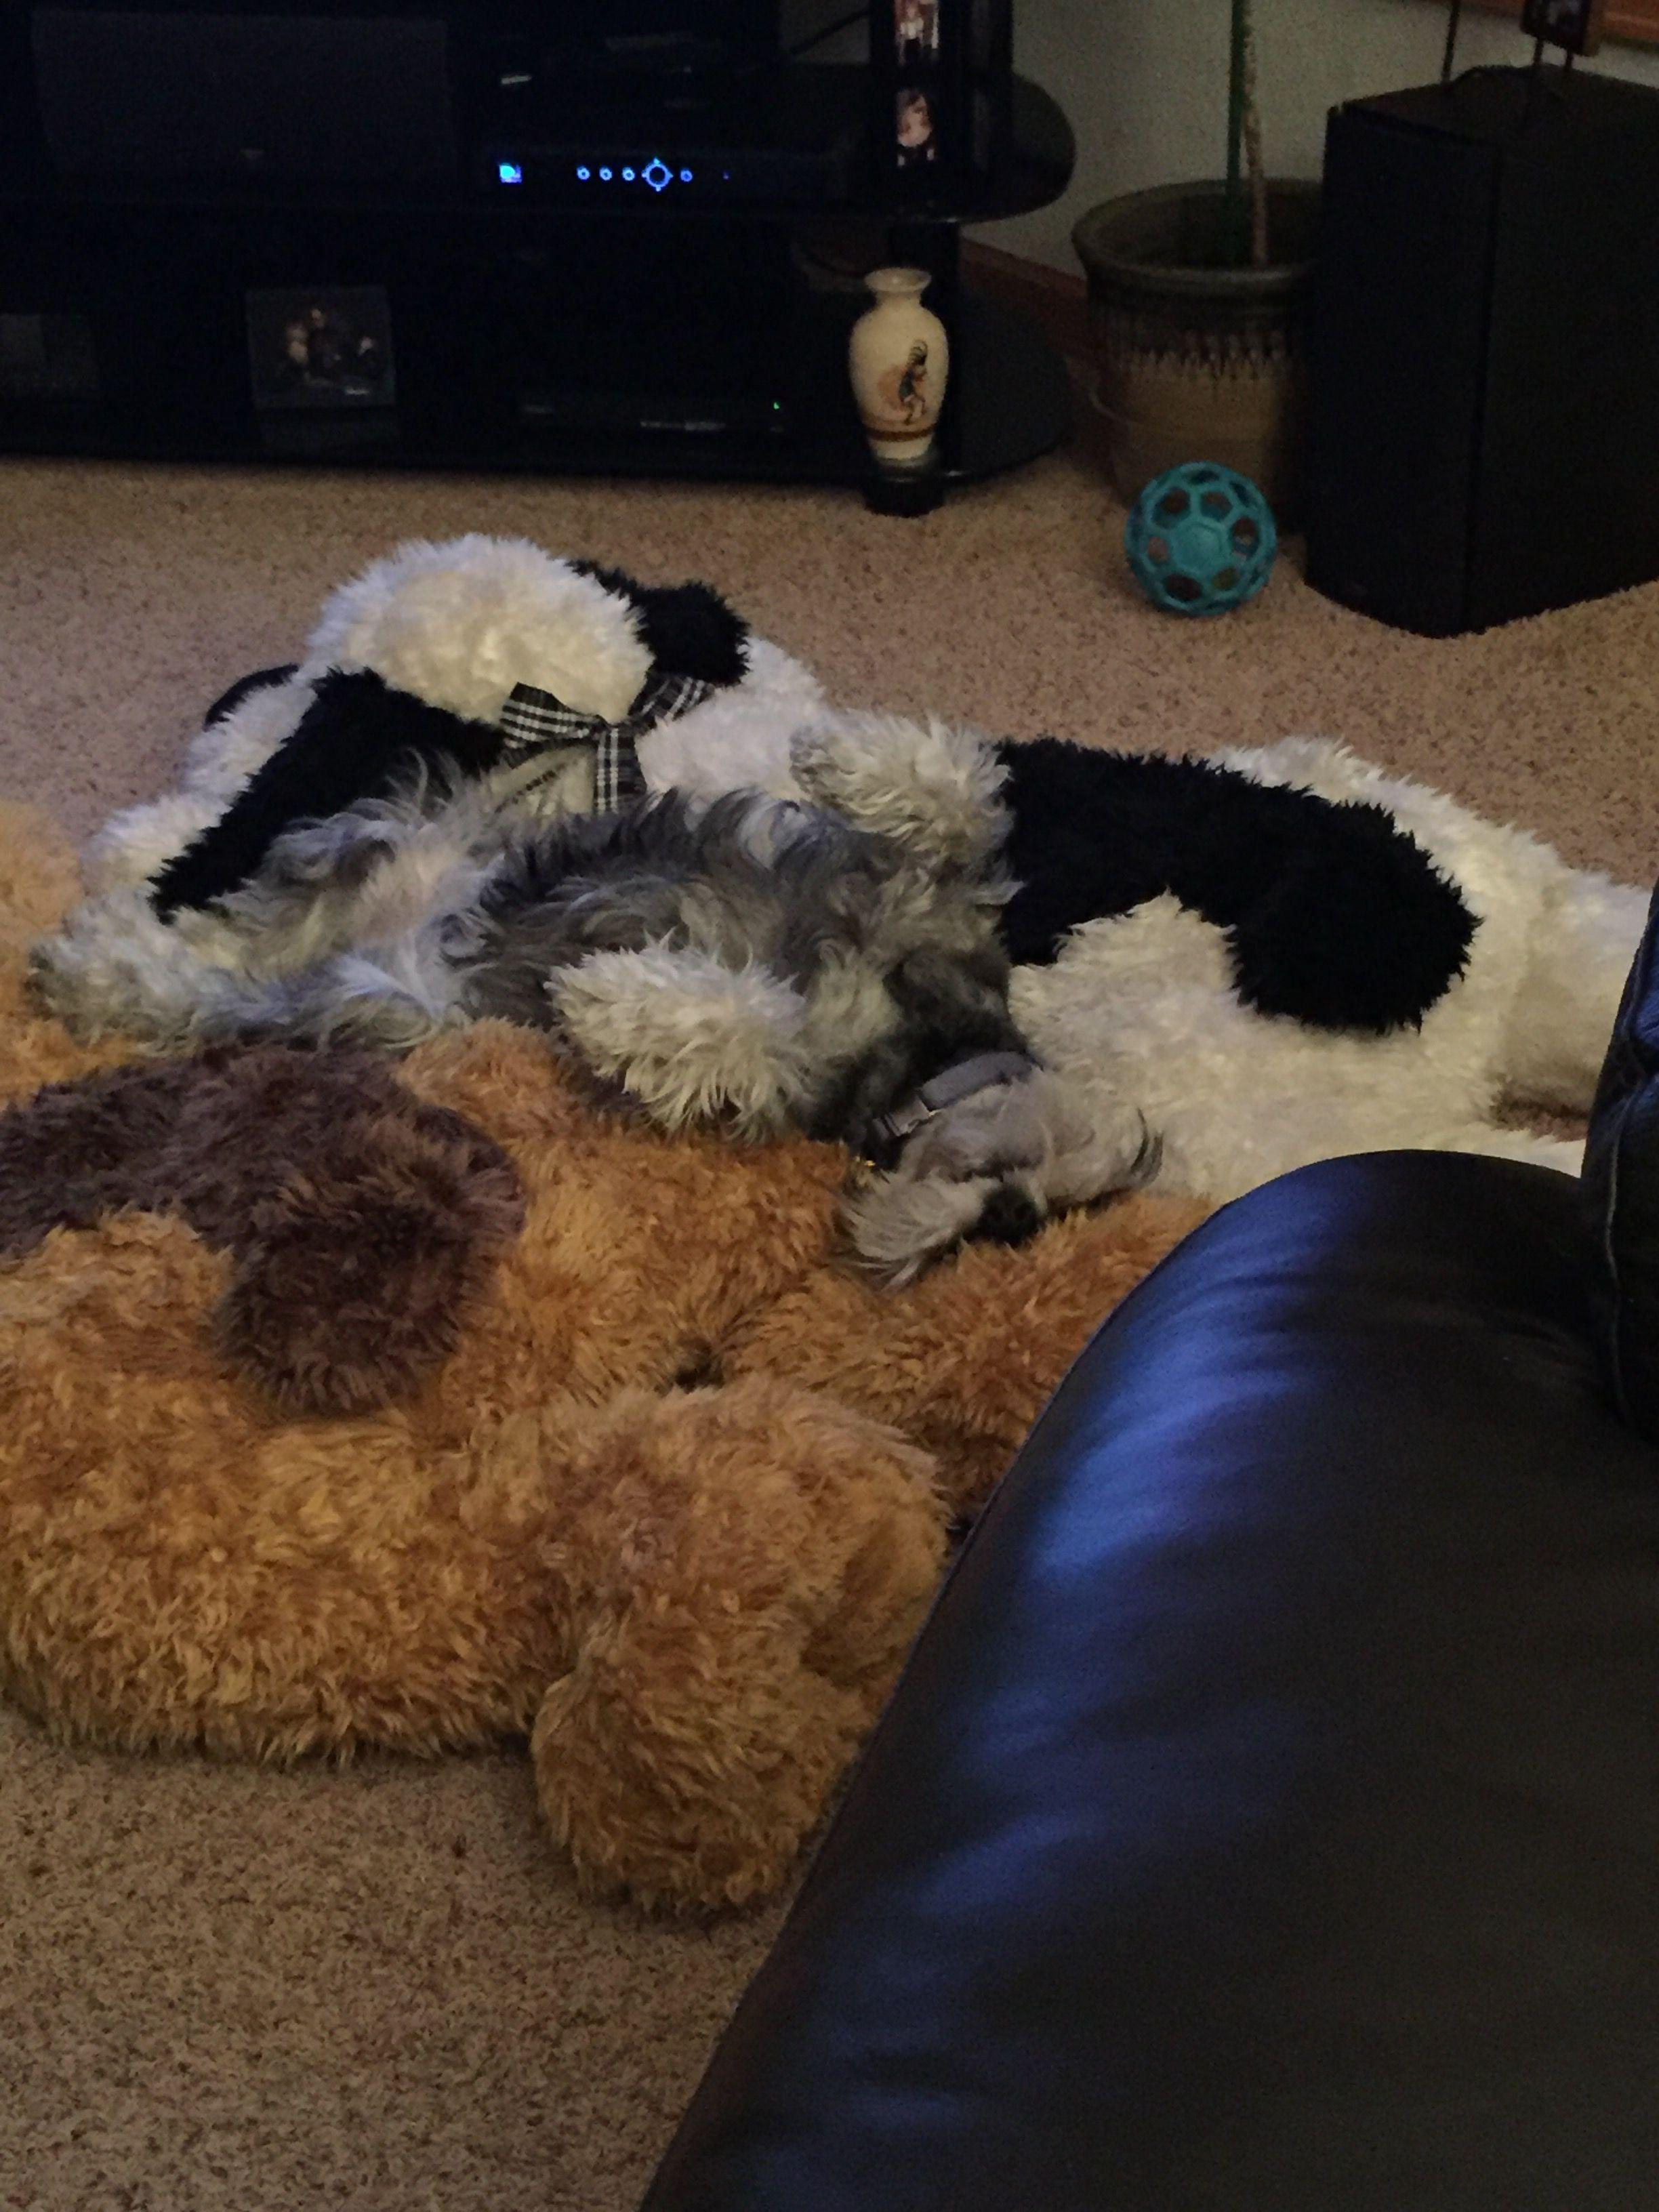 Dog sleeping on dog...